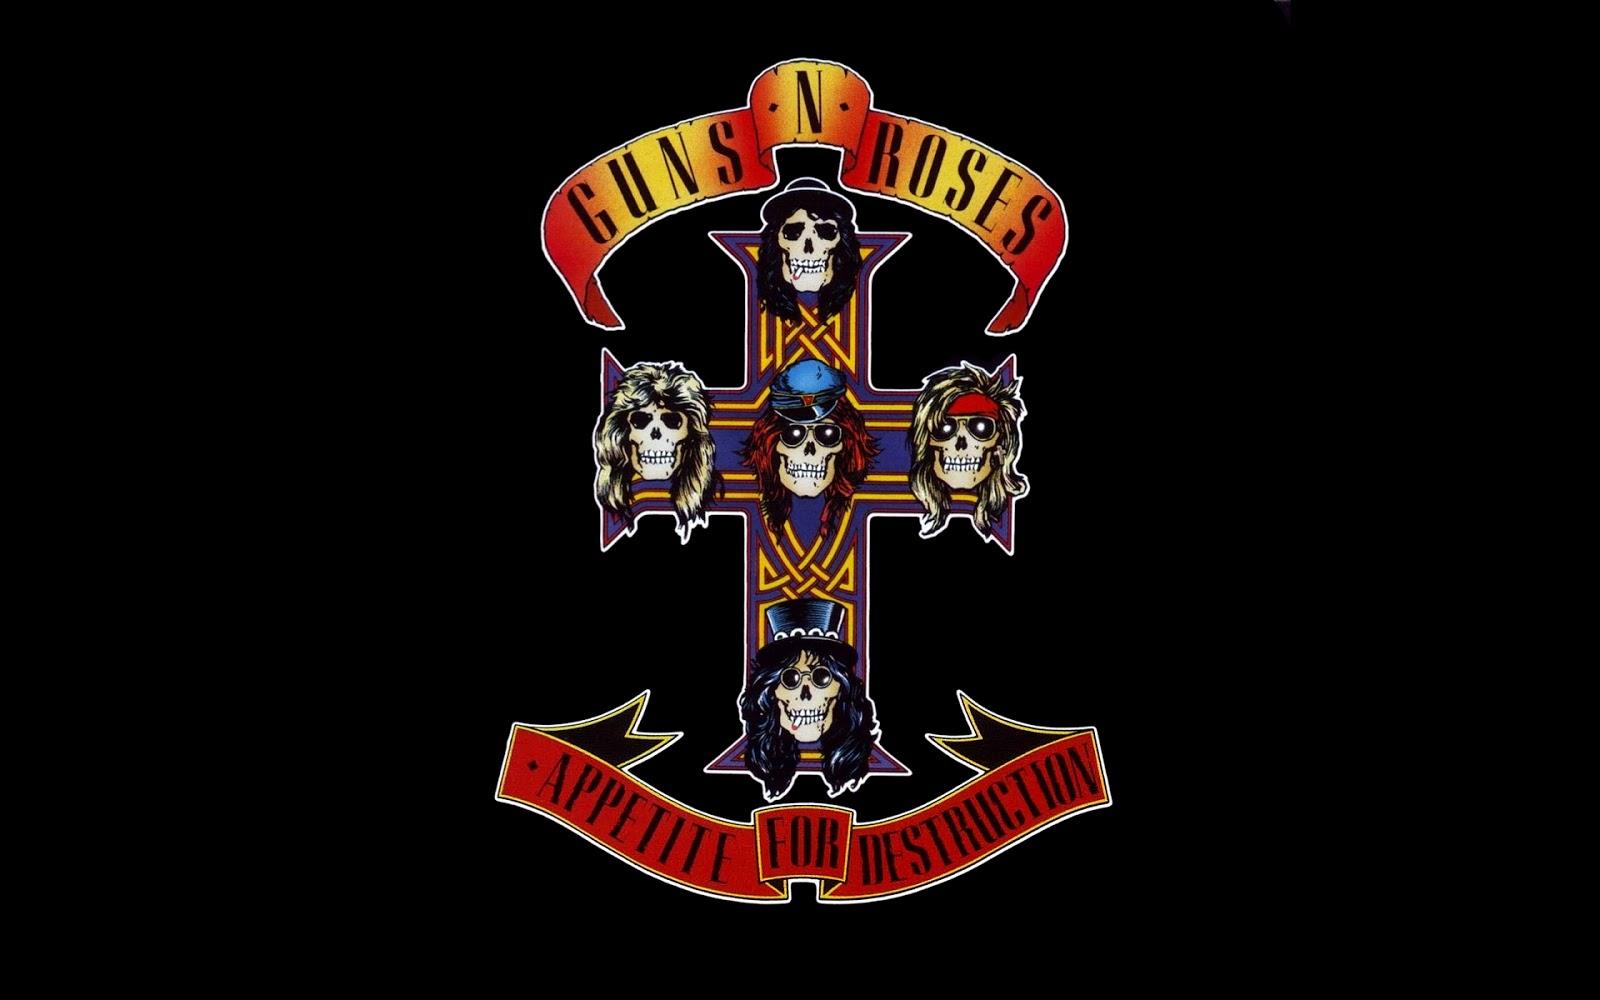 Guns N 'Roses riesigem Appetit auf Zerstörung | Die Reissue von Appetite for Destruction kommt